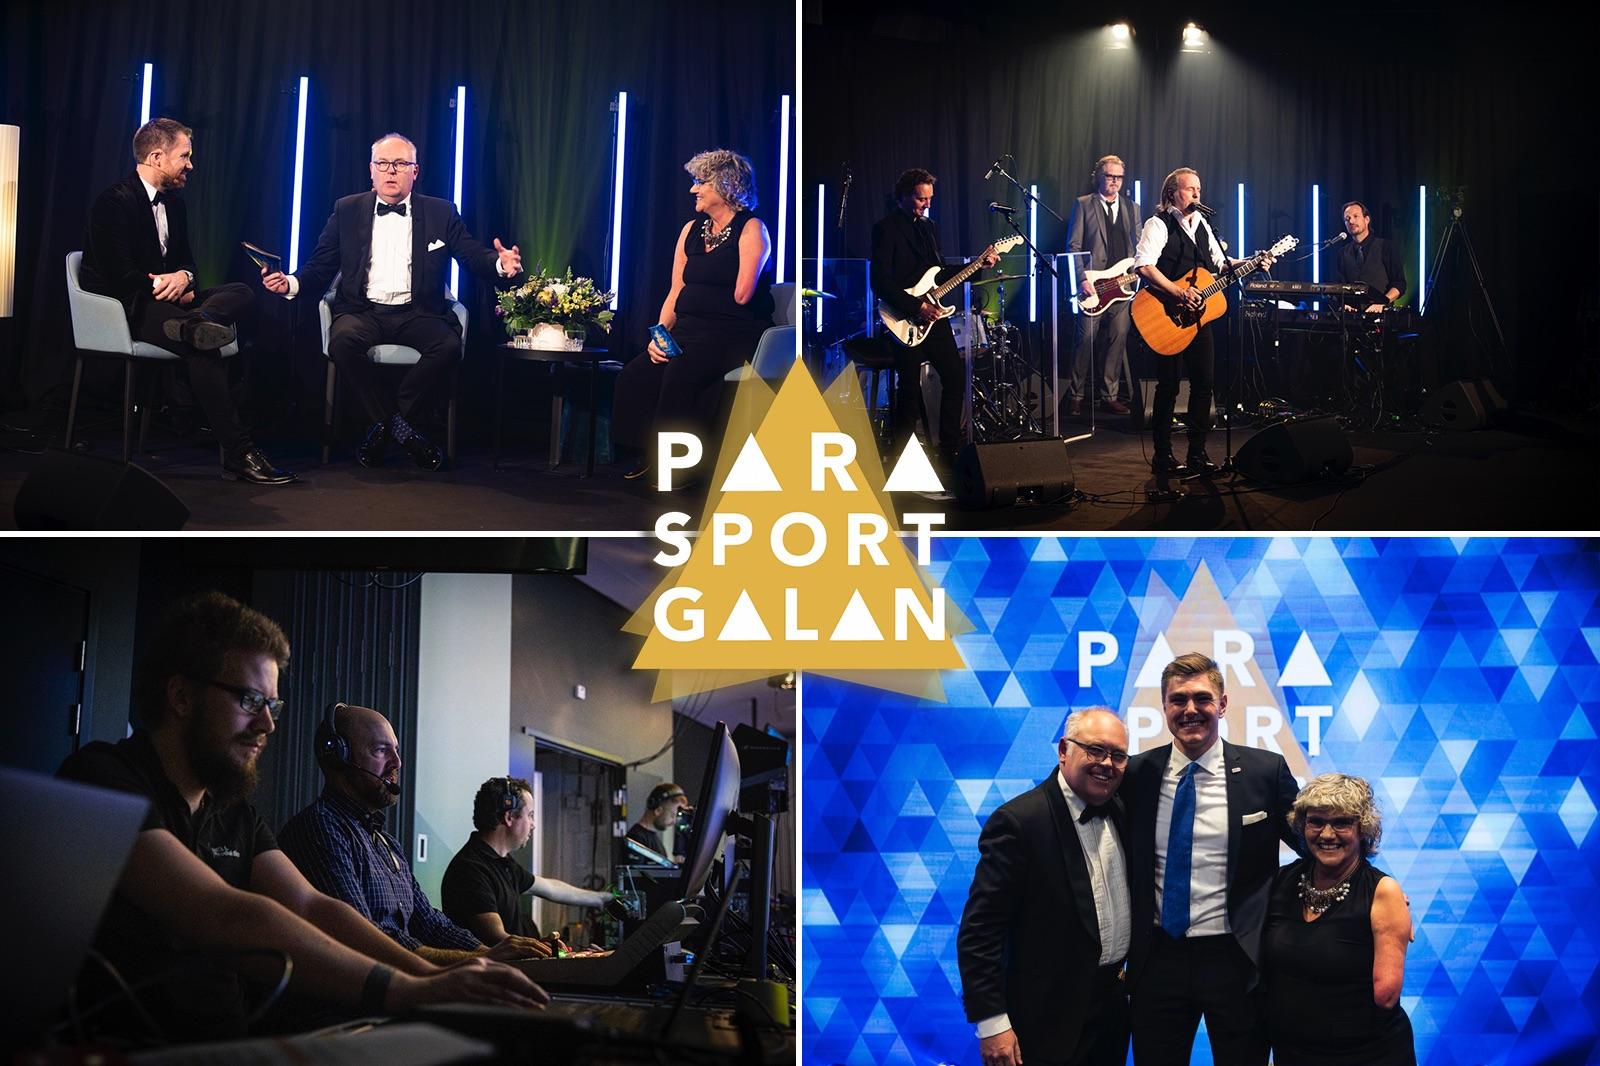 Svenska Parasportgalan 2020.